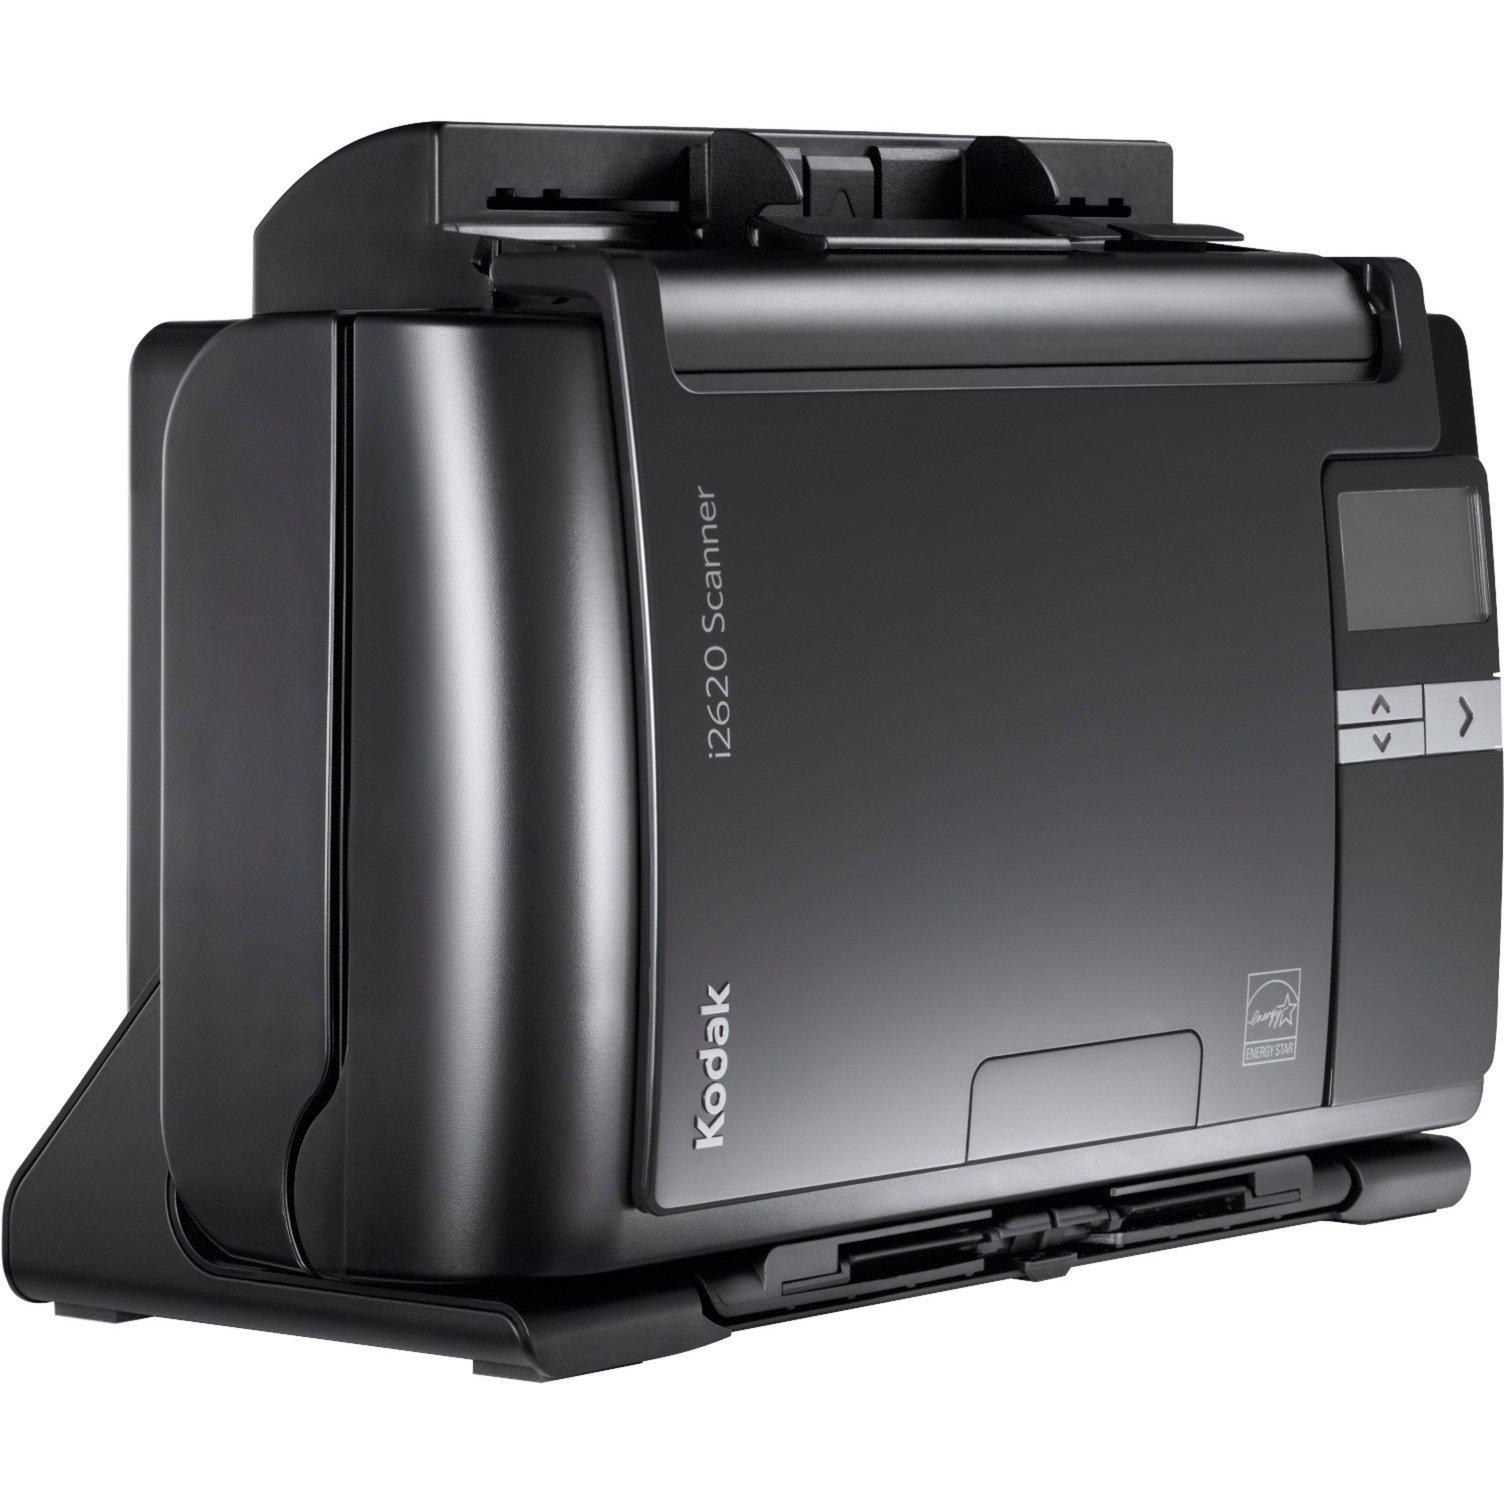 i2620 Escáner con alimentador automático de documentos (ADF) 600 x 600DPI A4 Negro, Escáner de alimentación de hojas